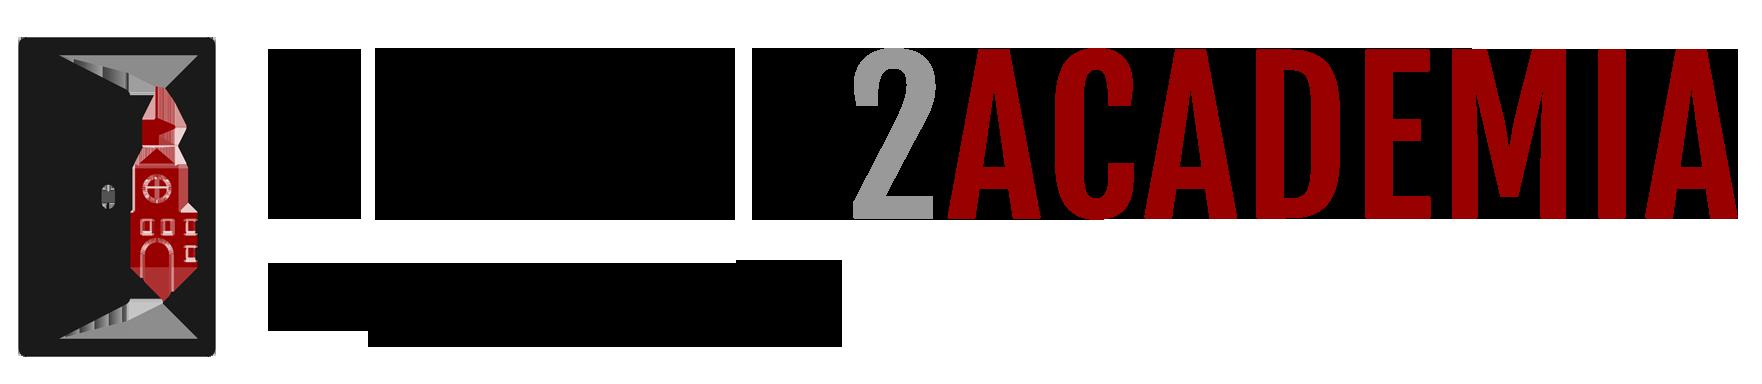 Access2Academia